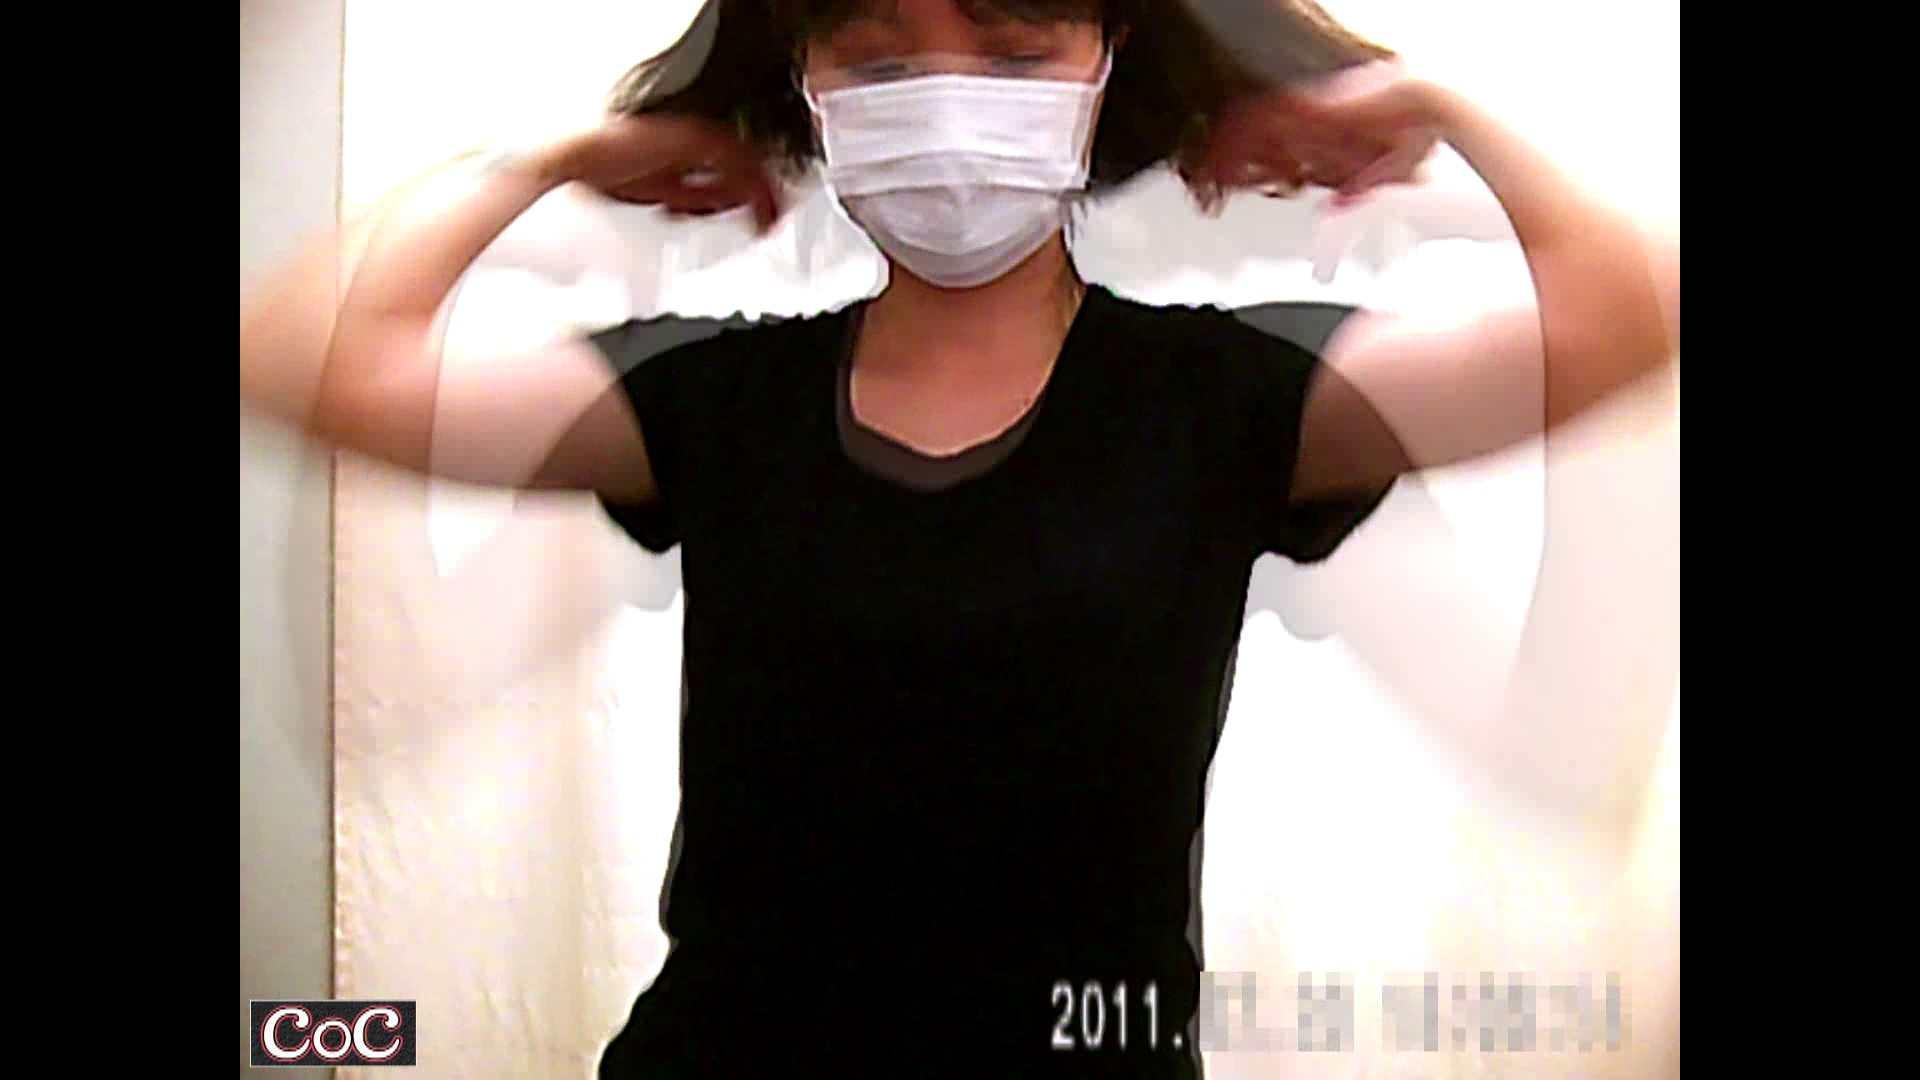 病院おもいっきり着替え! vol.04 巨乳 AV動画キャプチャ 107pic 68